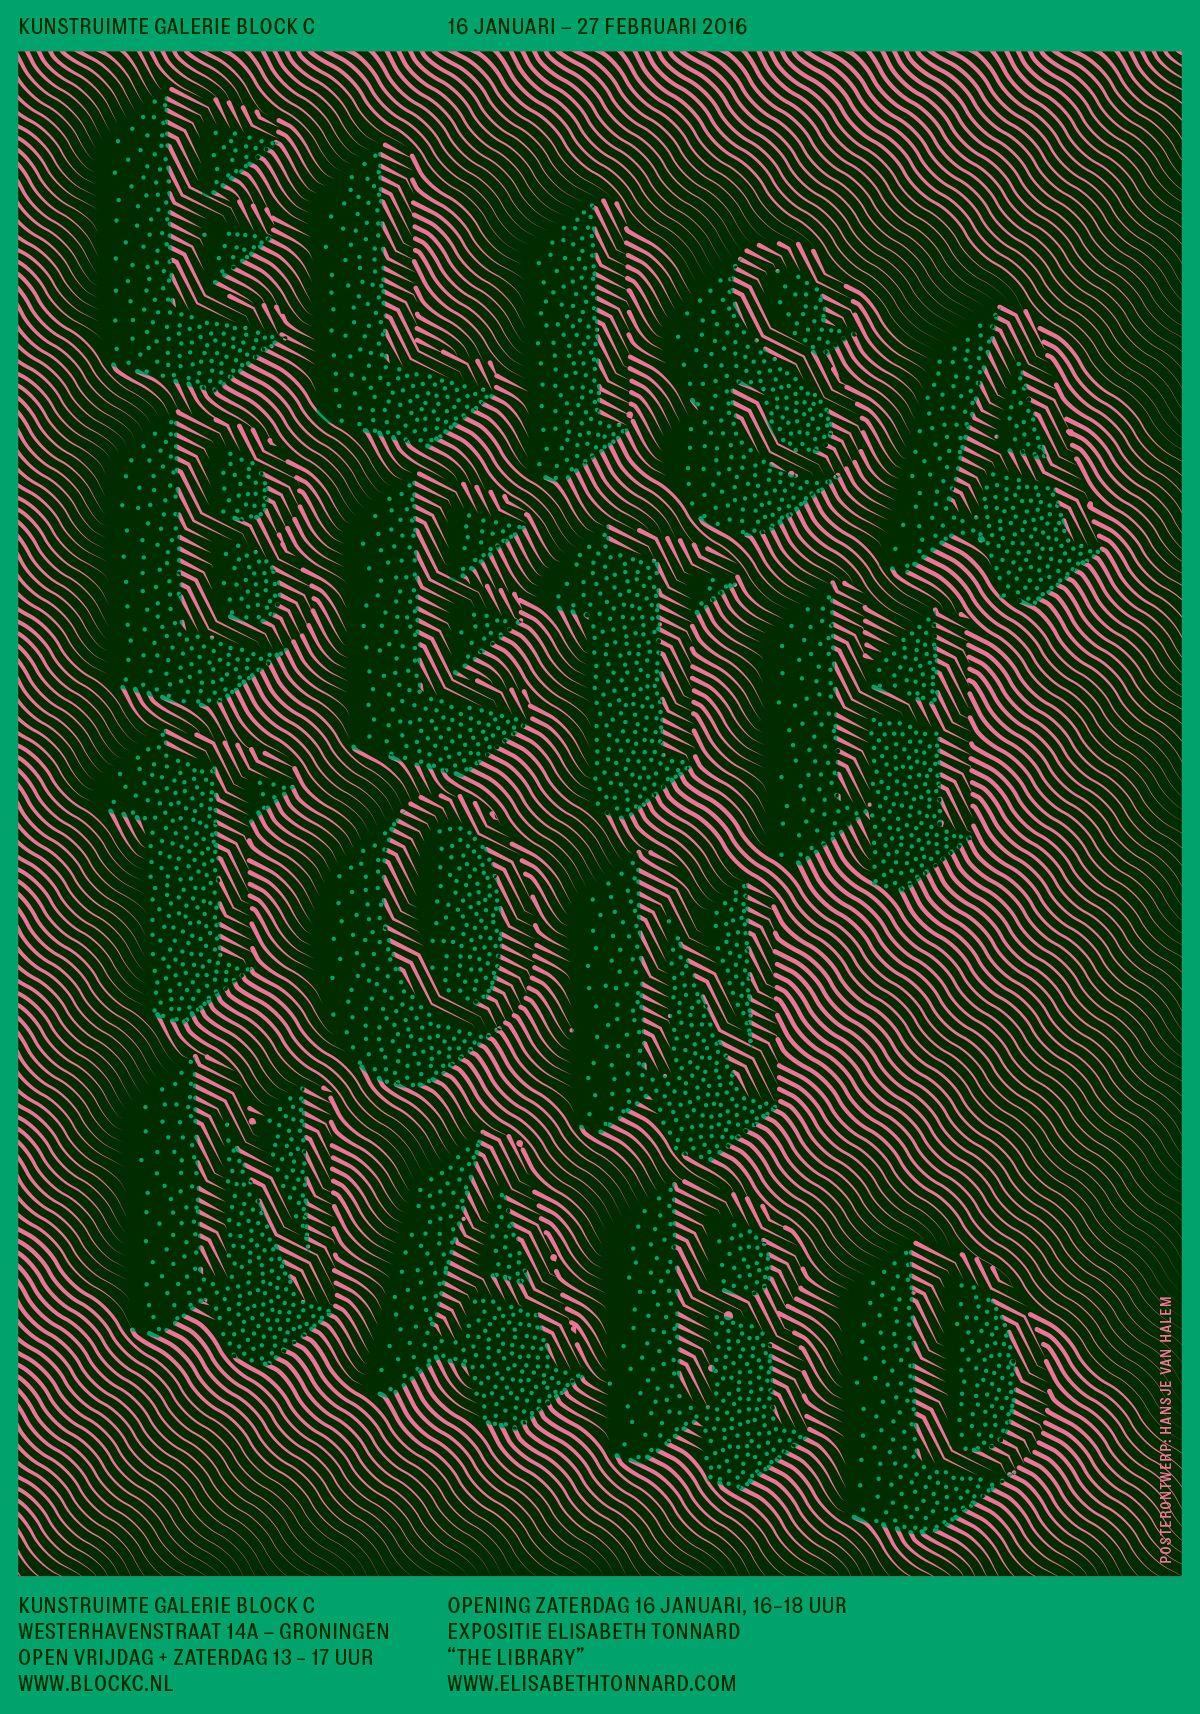 Galerie Block C Poster for Elisabeth Tonnard - www.hansje.net